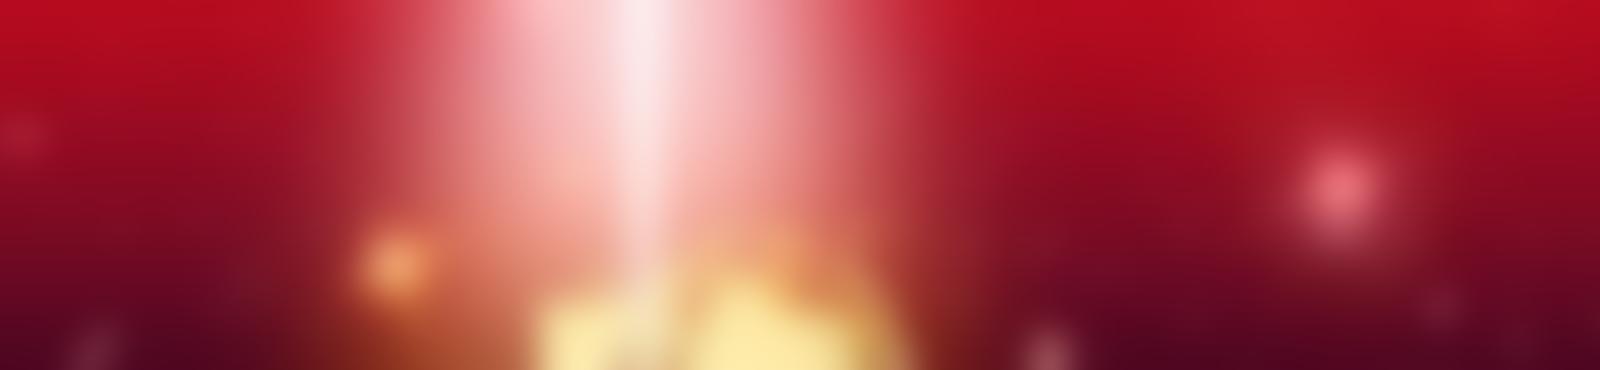 Blurred a47b8f19 373b 436b 9627 4d94a7caa02d